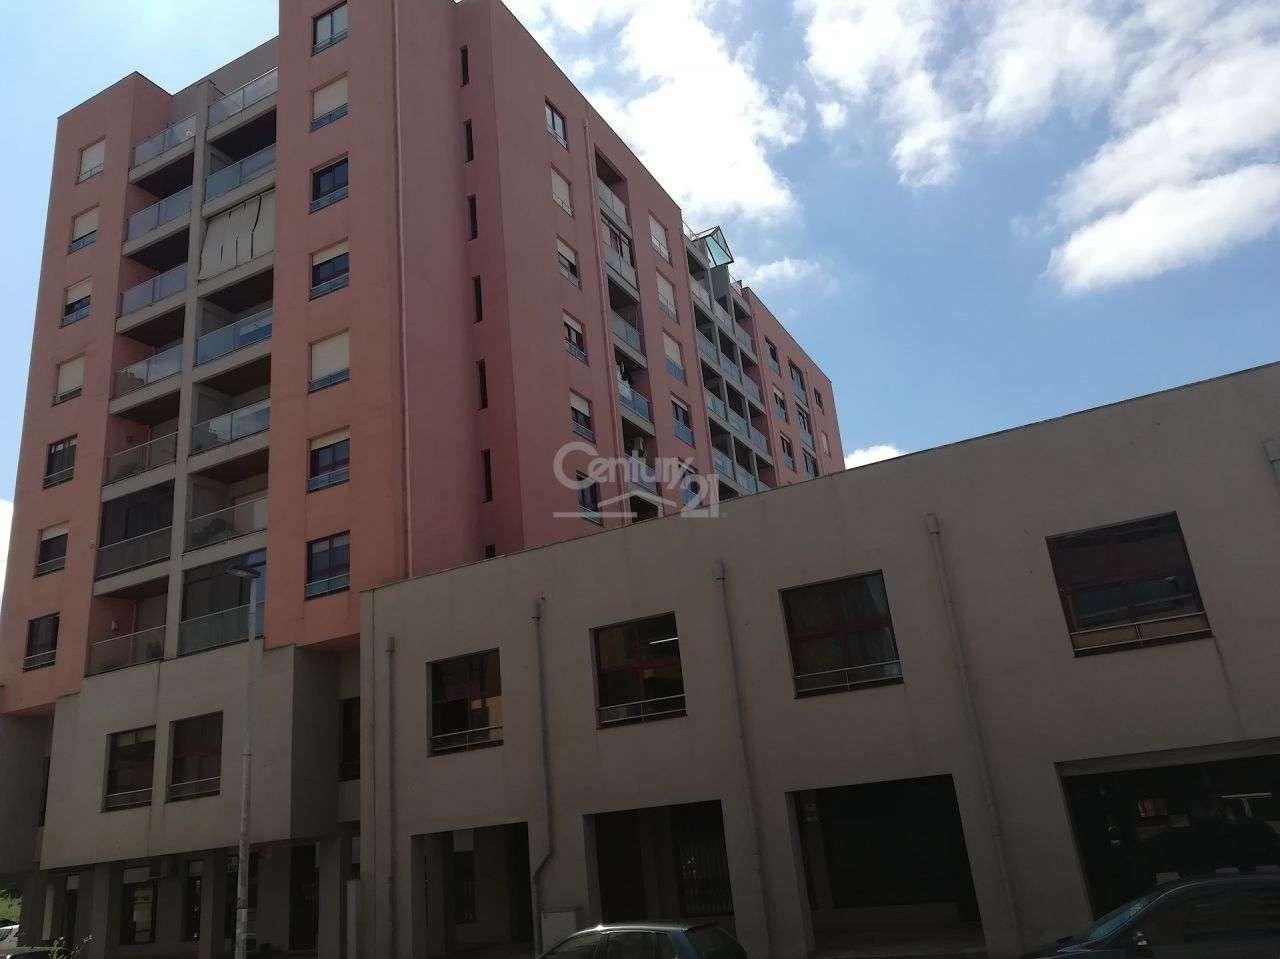 Escritório para arrendar, Paranhos, Porto - Foto 1